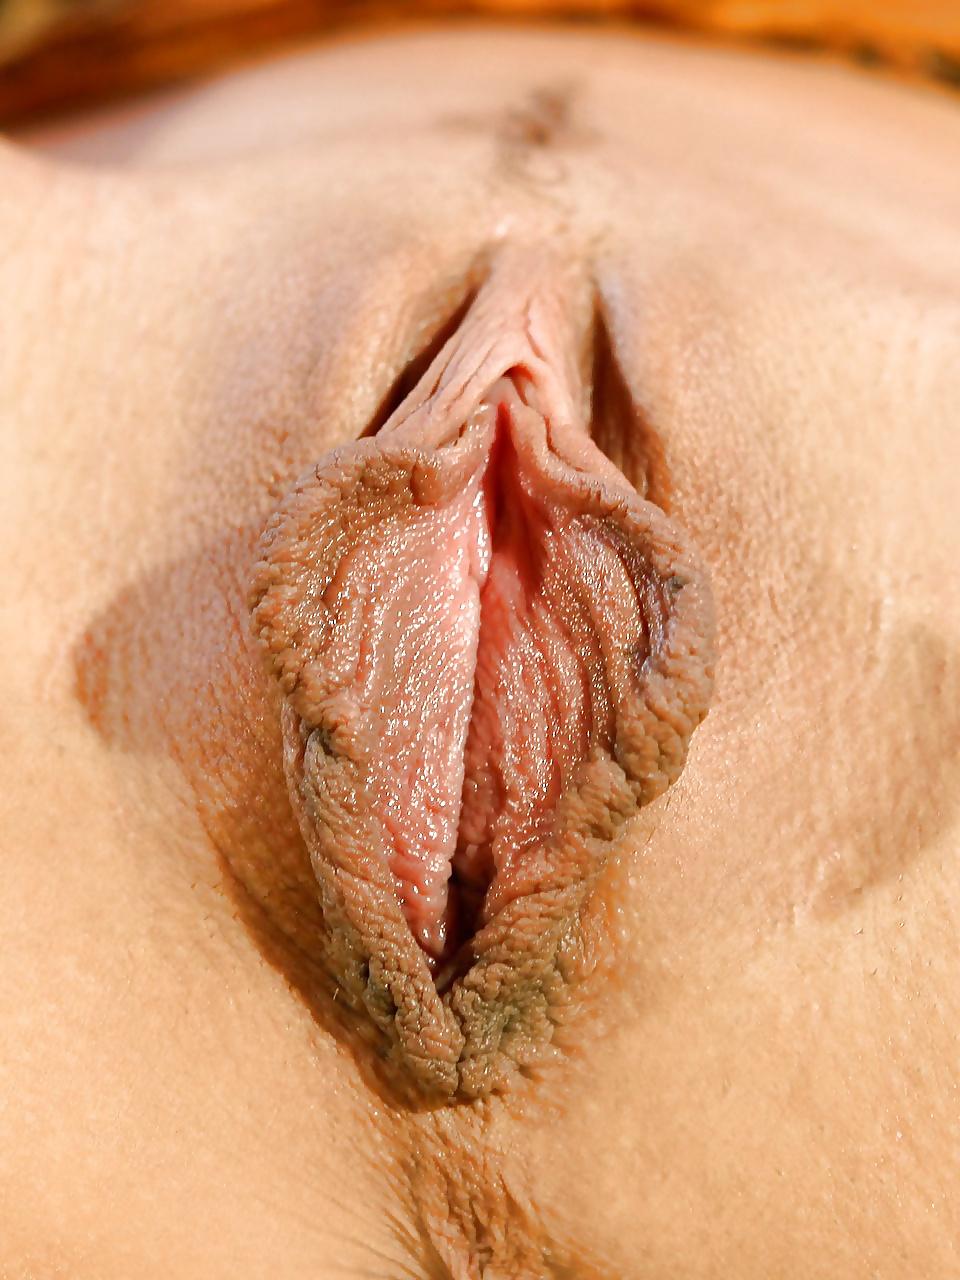 Княгиня фото вагина, электронные стимуляторы порно видео